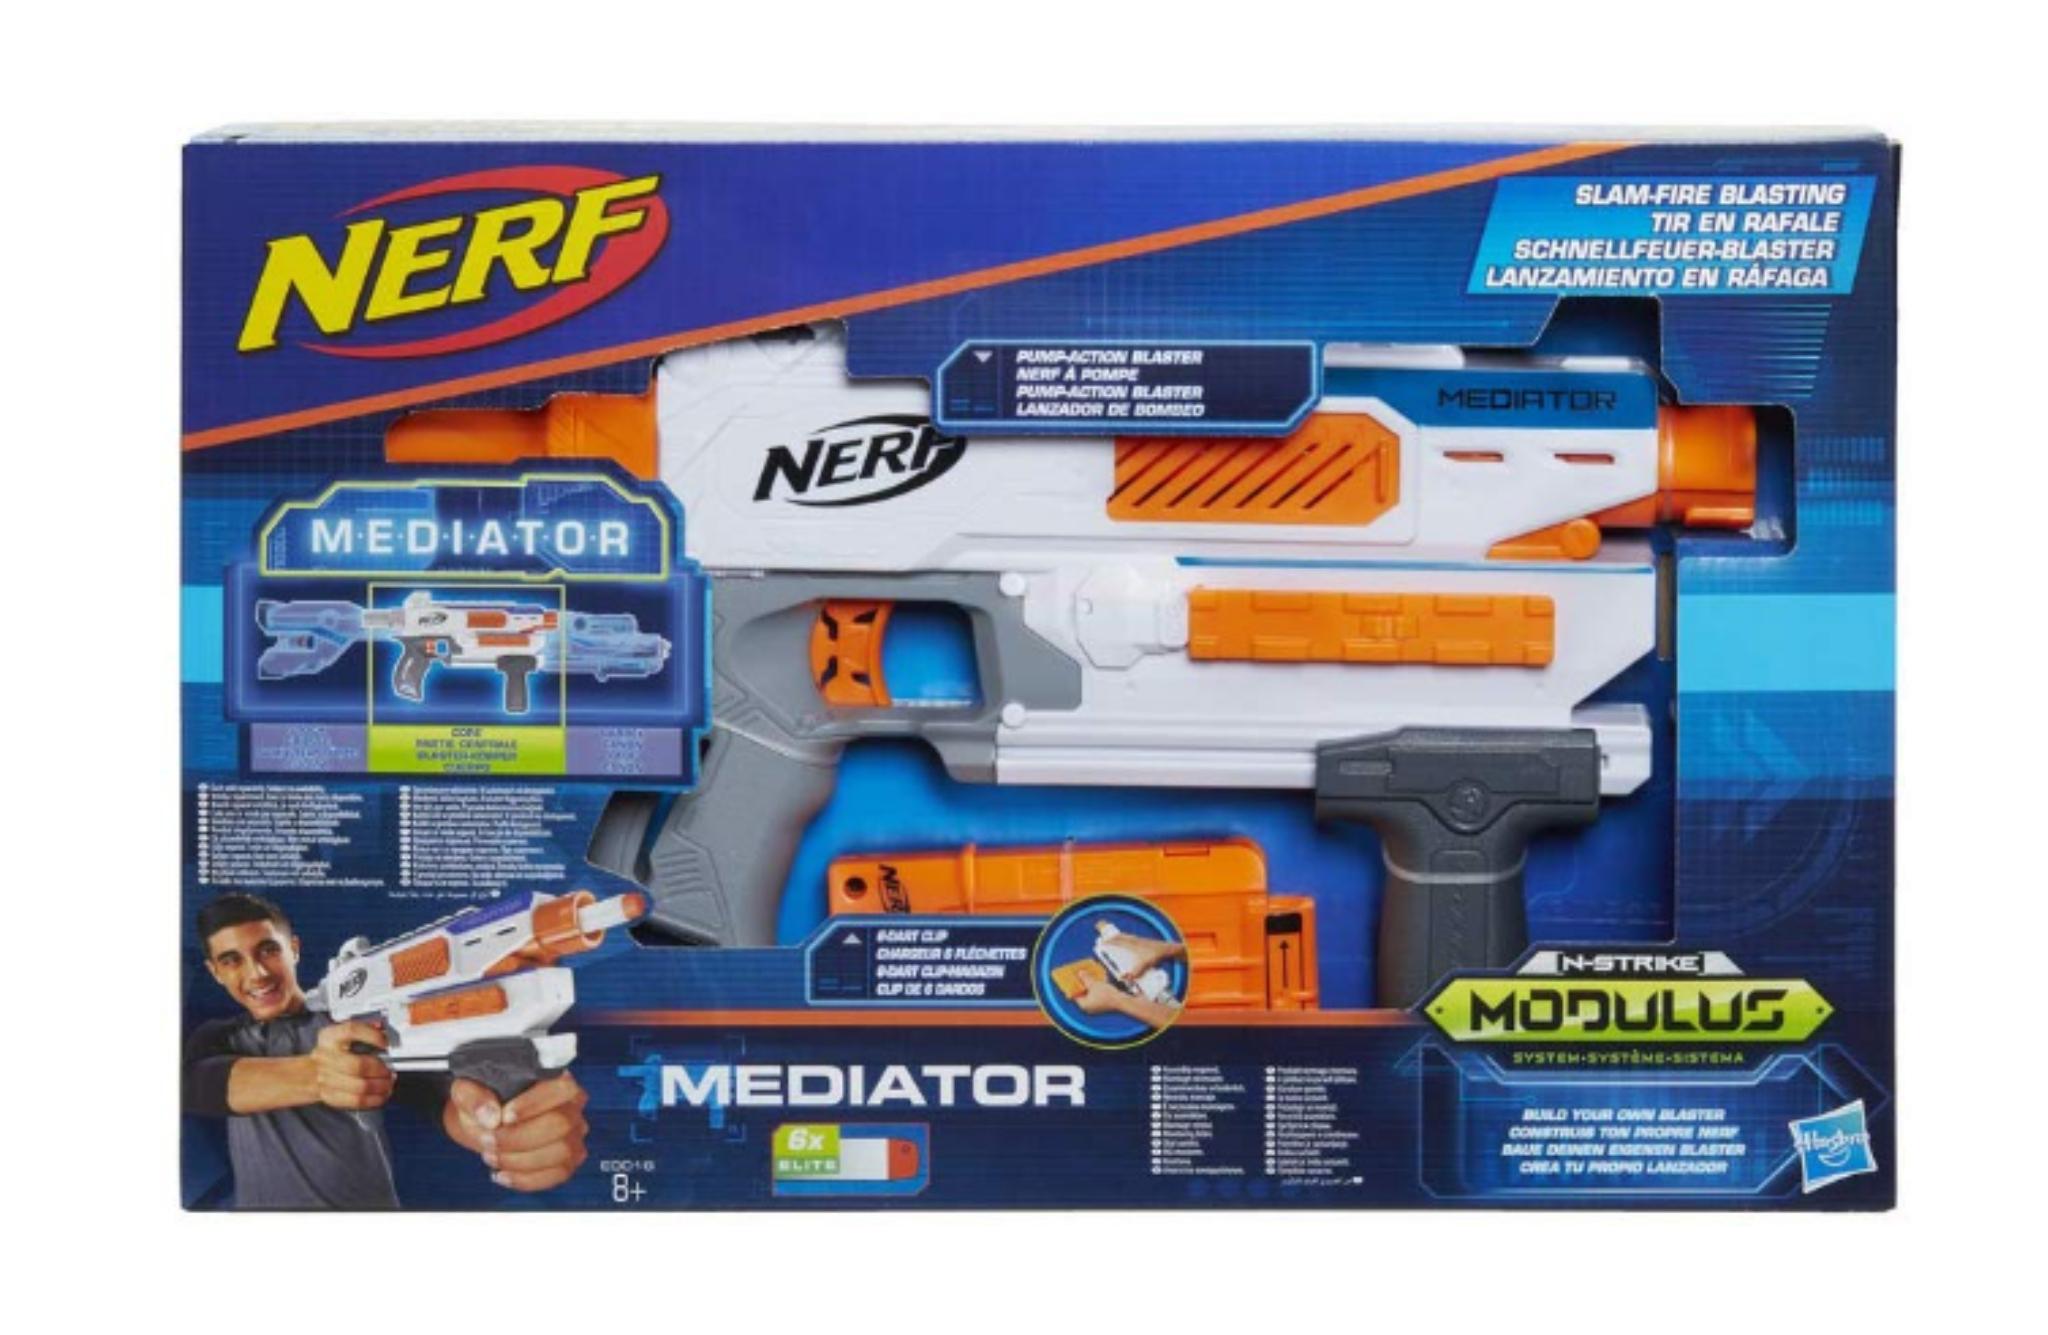 Nerf Modulus Mediator Amazon Prime £6.30, Non Prime £10.79